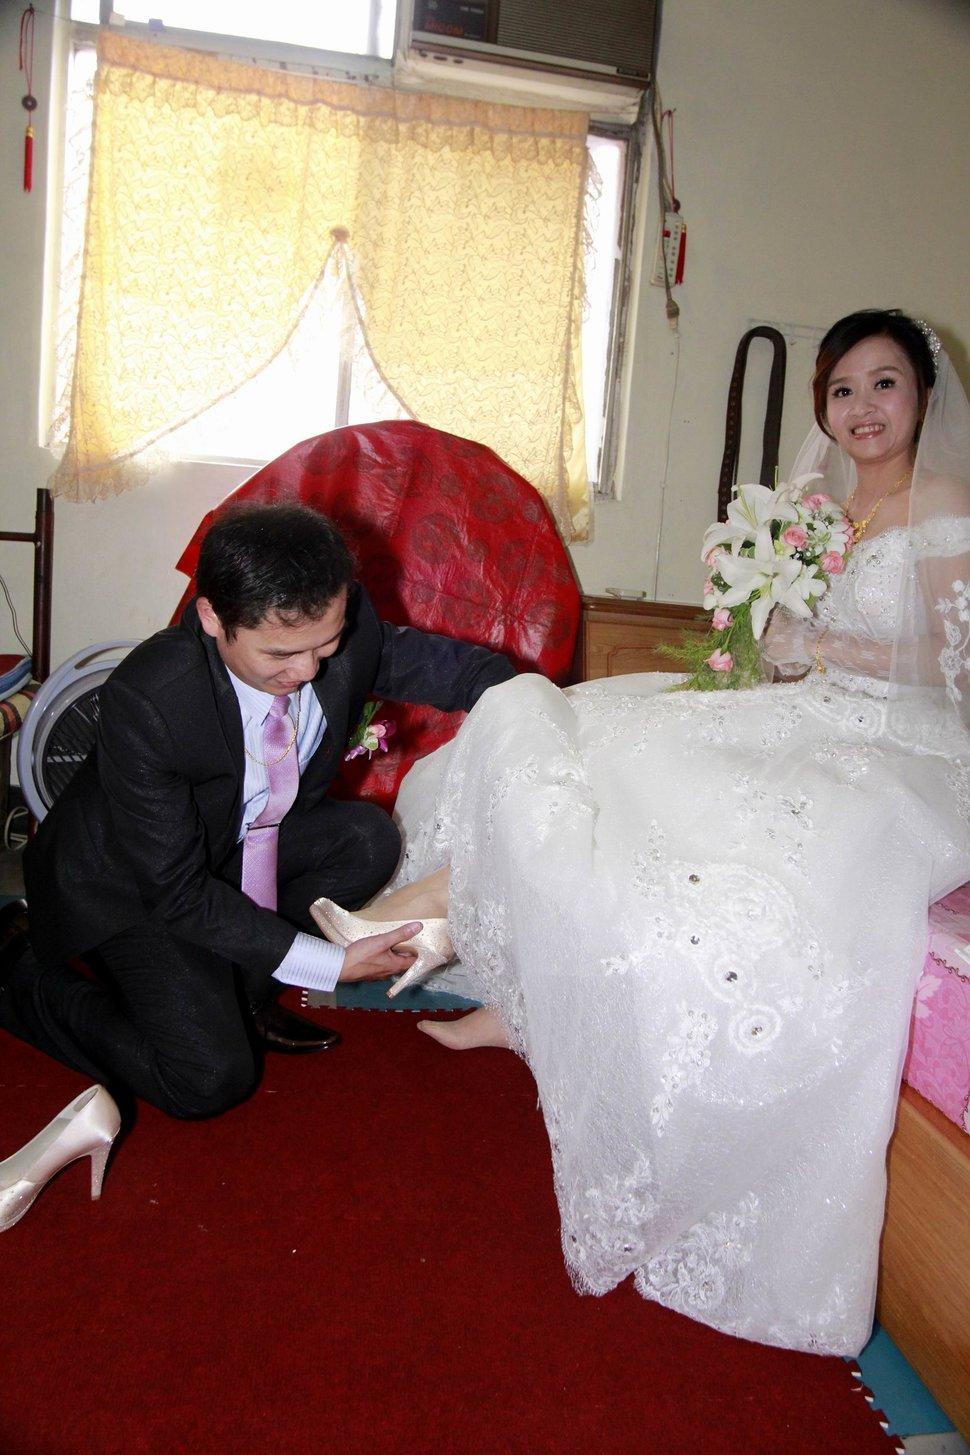 永和易牙居婚宴廣場宴會廳婚婚禮記錄結婚迎娶婚禮記錄動態微電影錄影專業錄影平面攝影婚攝婚禮(編號:212997) - 蜜月拍照10800錄影12800攝影團隊 - 結婚吧